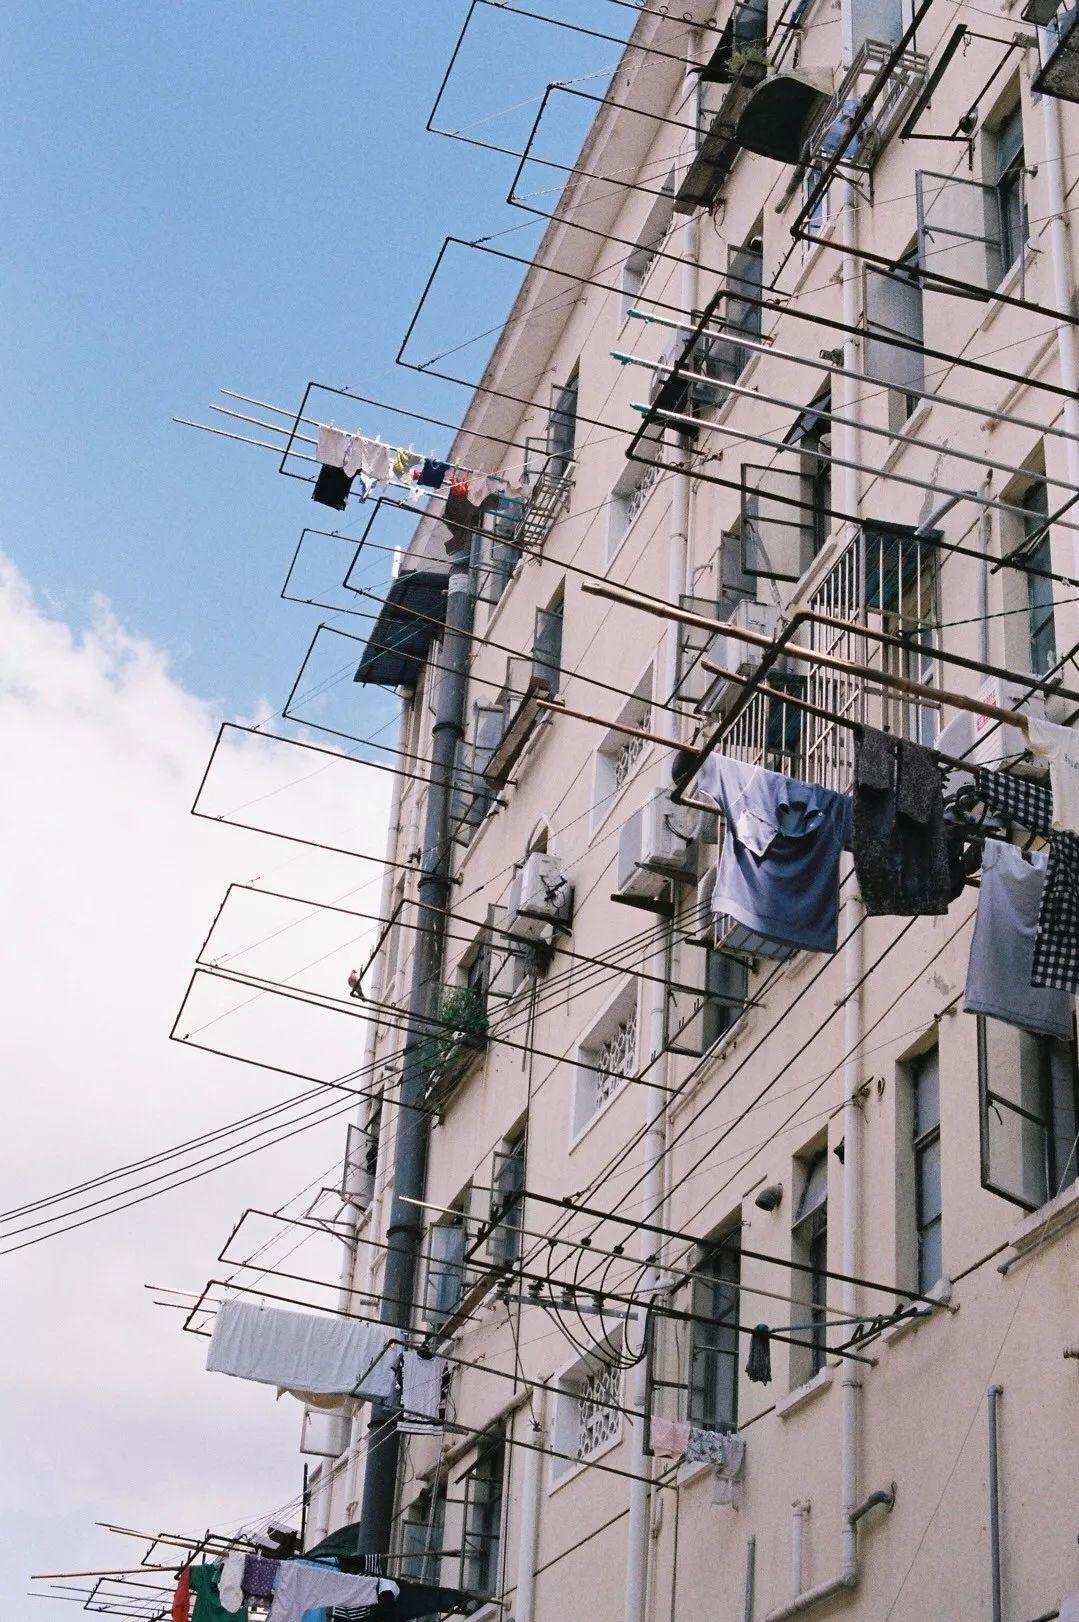 老灵额里弄时光,住进不一样的上海。